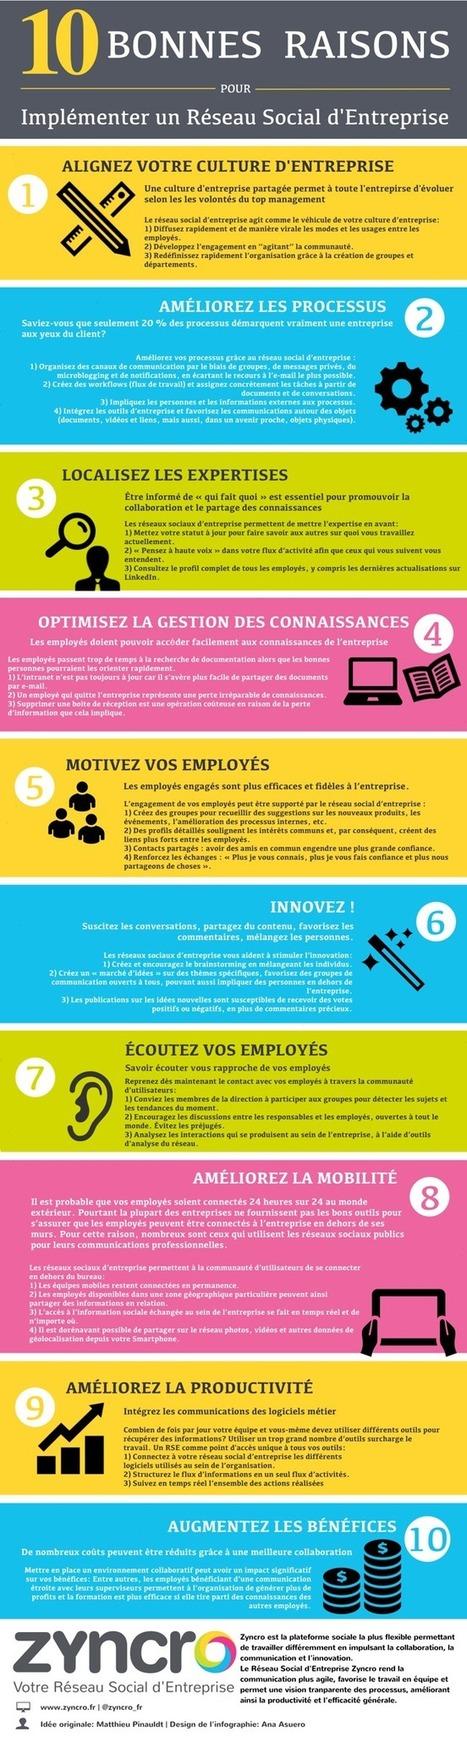 10 bonnes raisons pour implémenter un Réseau Social d'Entreprise I Augustin Guefif | le 2.0 à mon service | Scoop.it